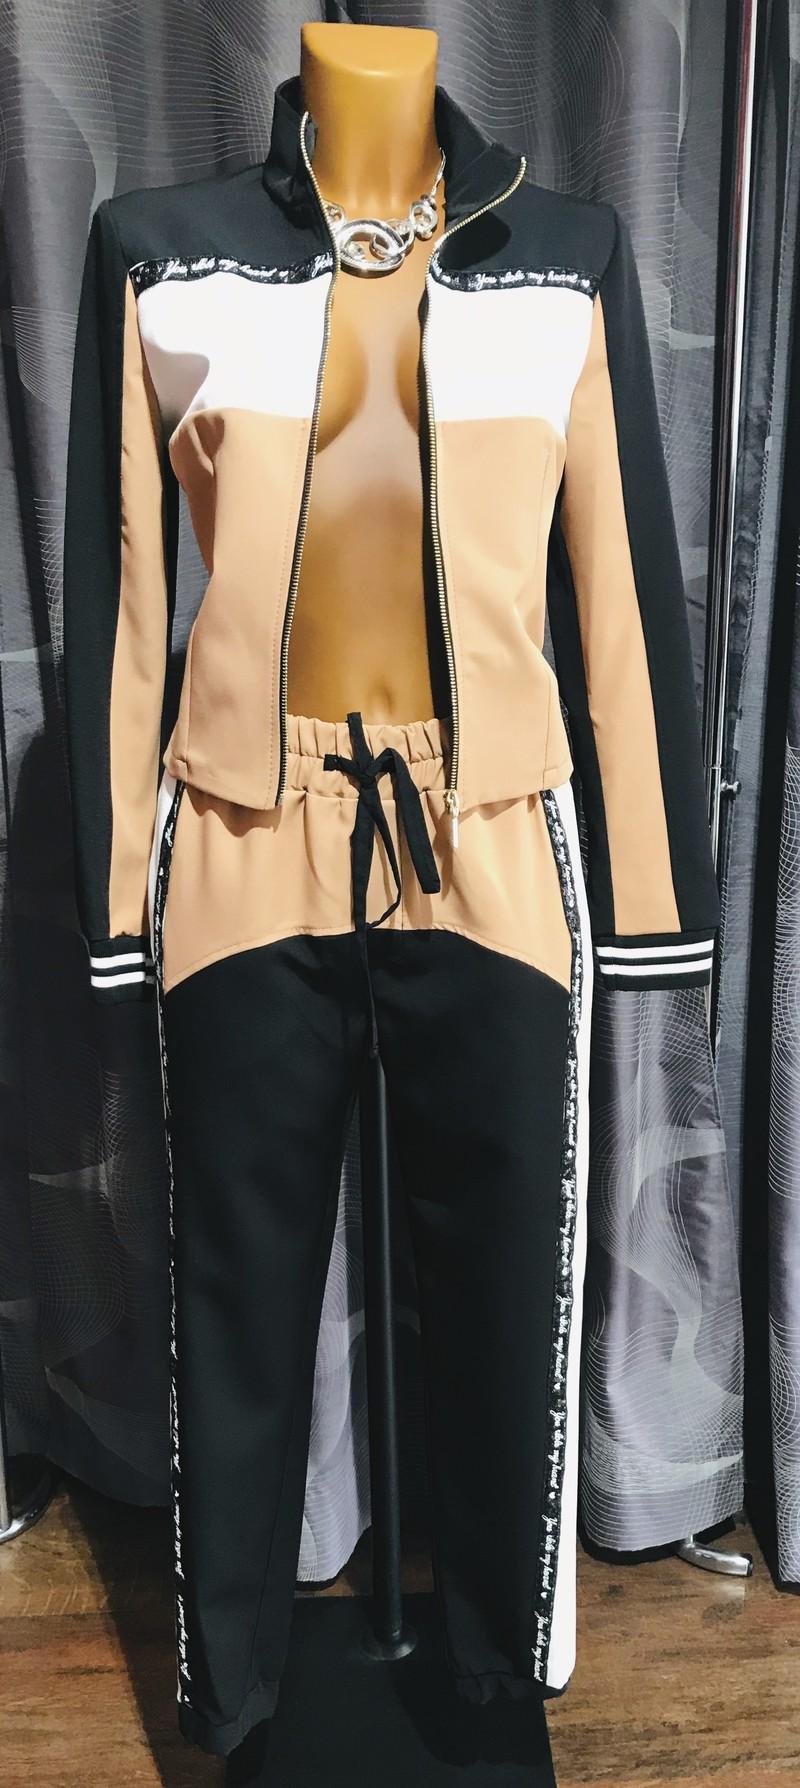 ensemble sportwear chic rinascimento (pantalon) - Pantalons - VOTRE BOUTIQUE - Voir en grand